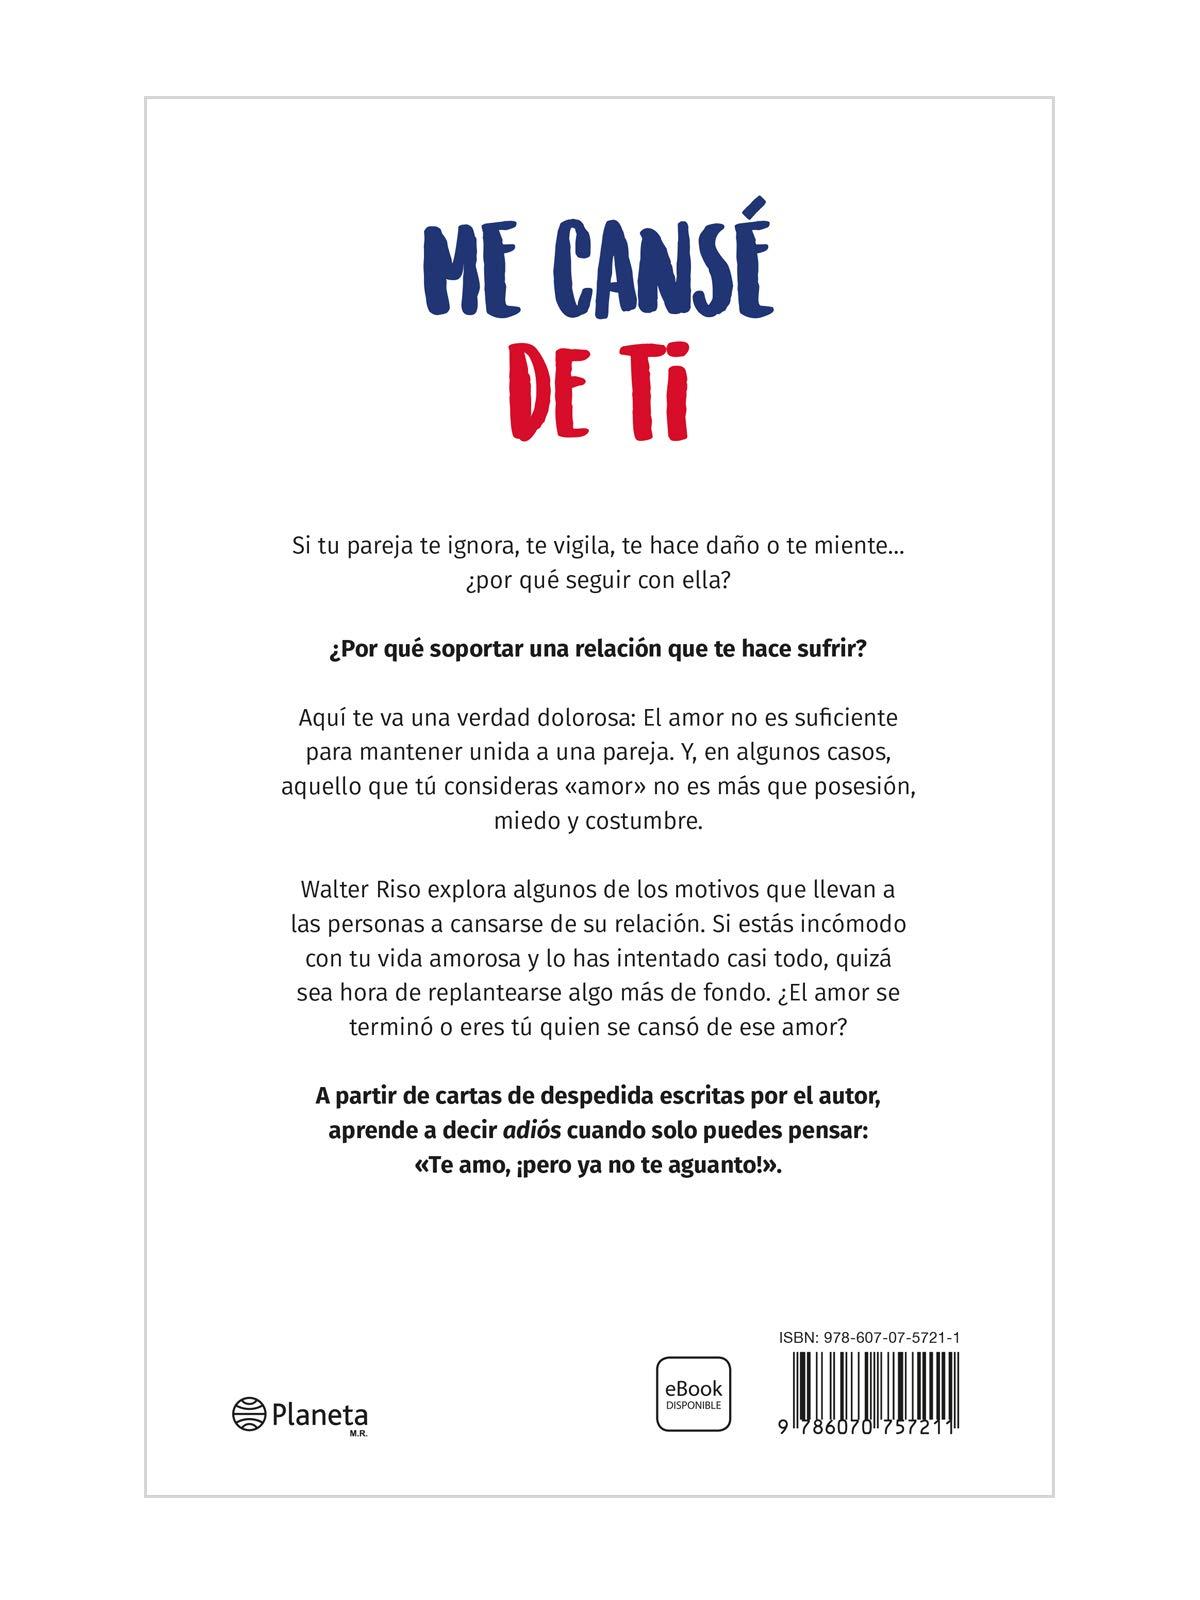 Me cansé de ti (Spanish Edition): Walter Riso: 9786070757211 ...